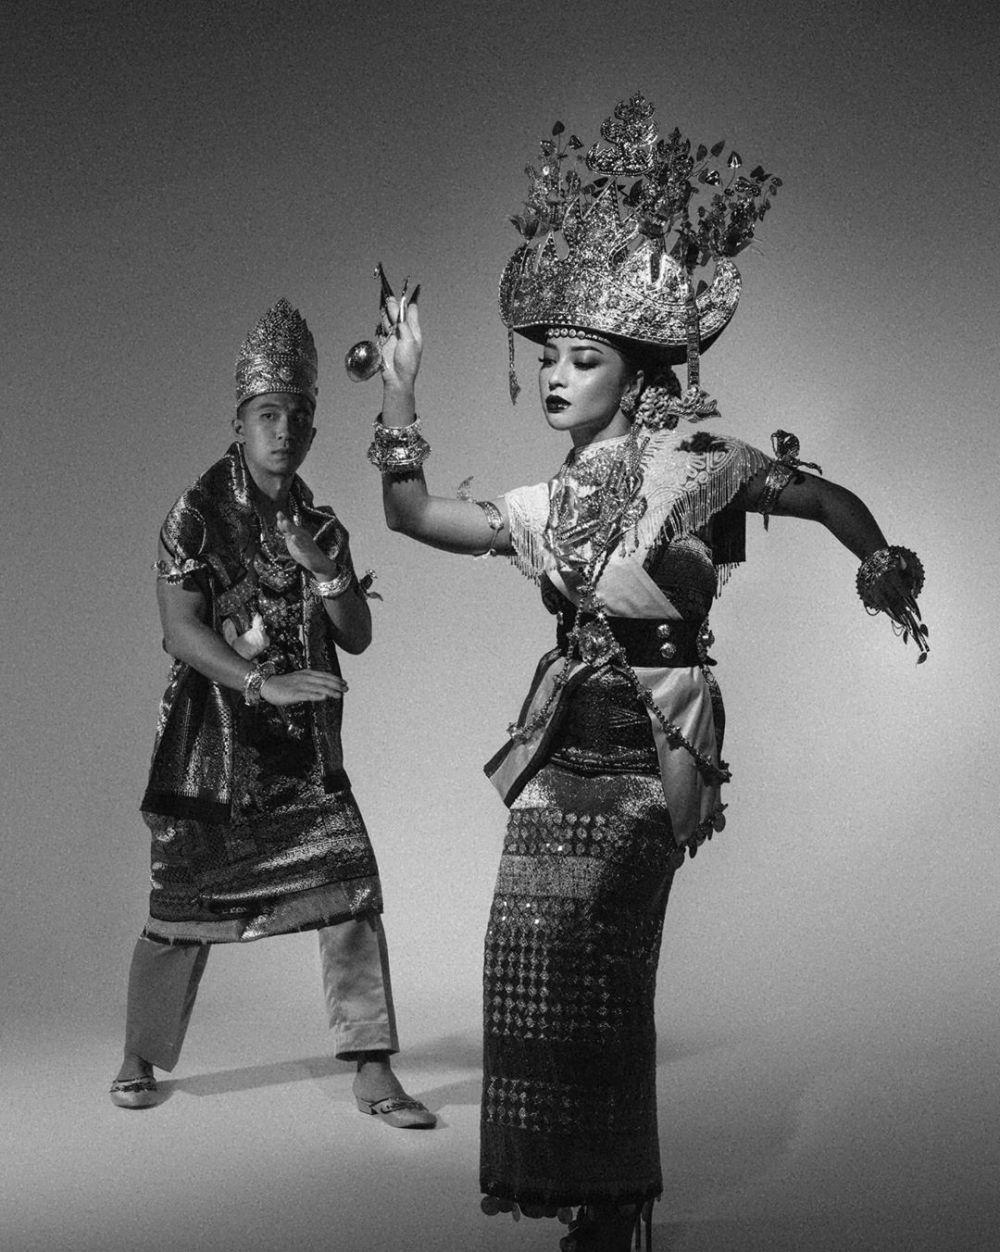 Nikita Willy kenakan adat Lampung © 2020 brilio.net